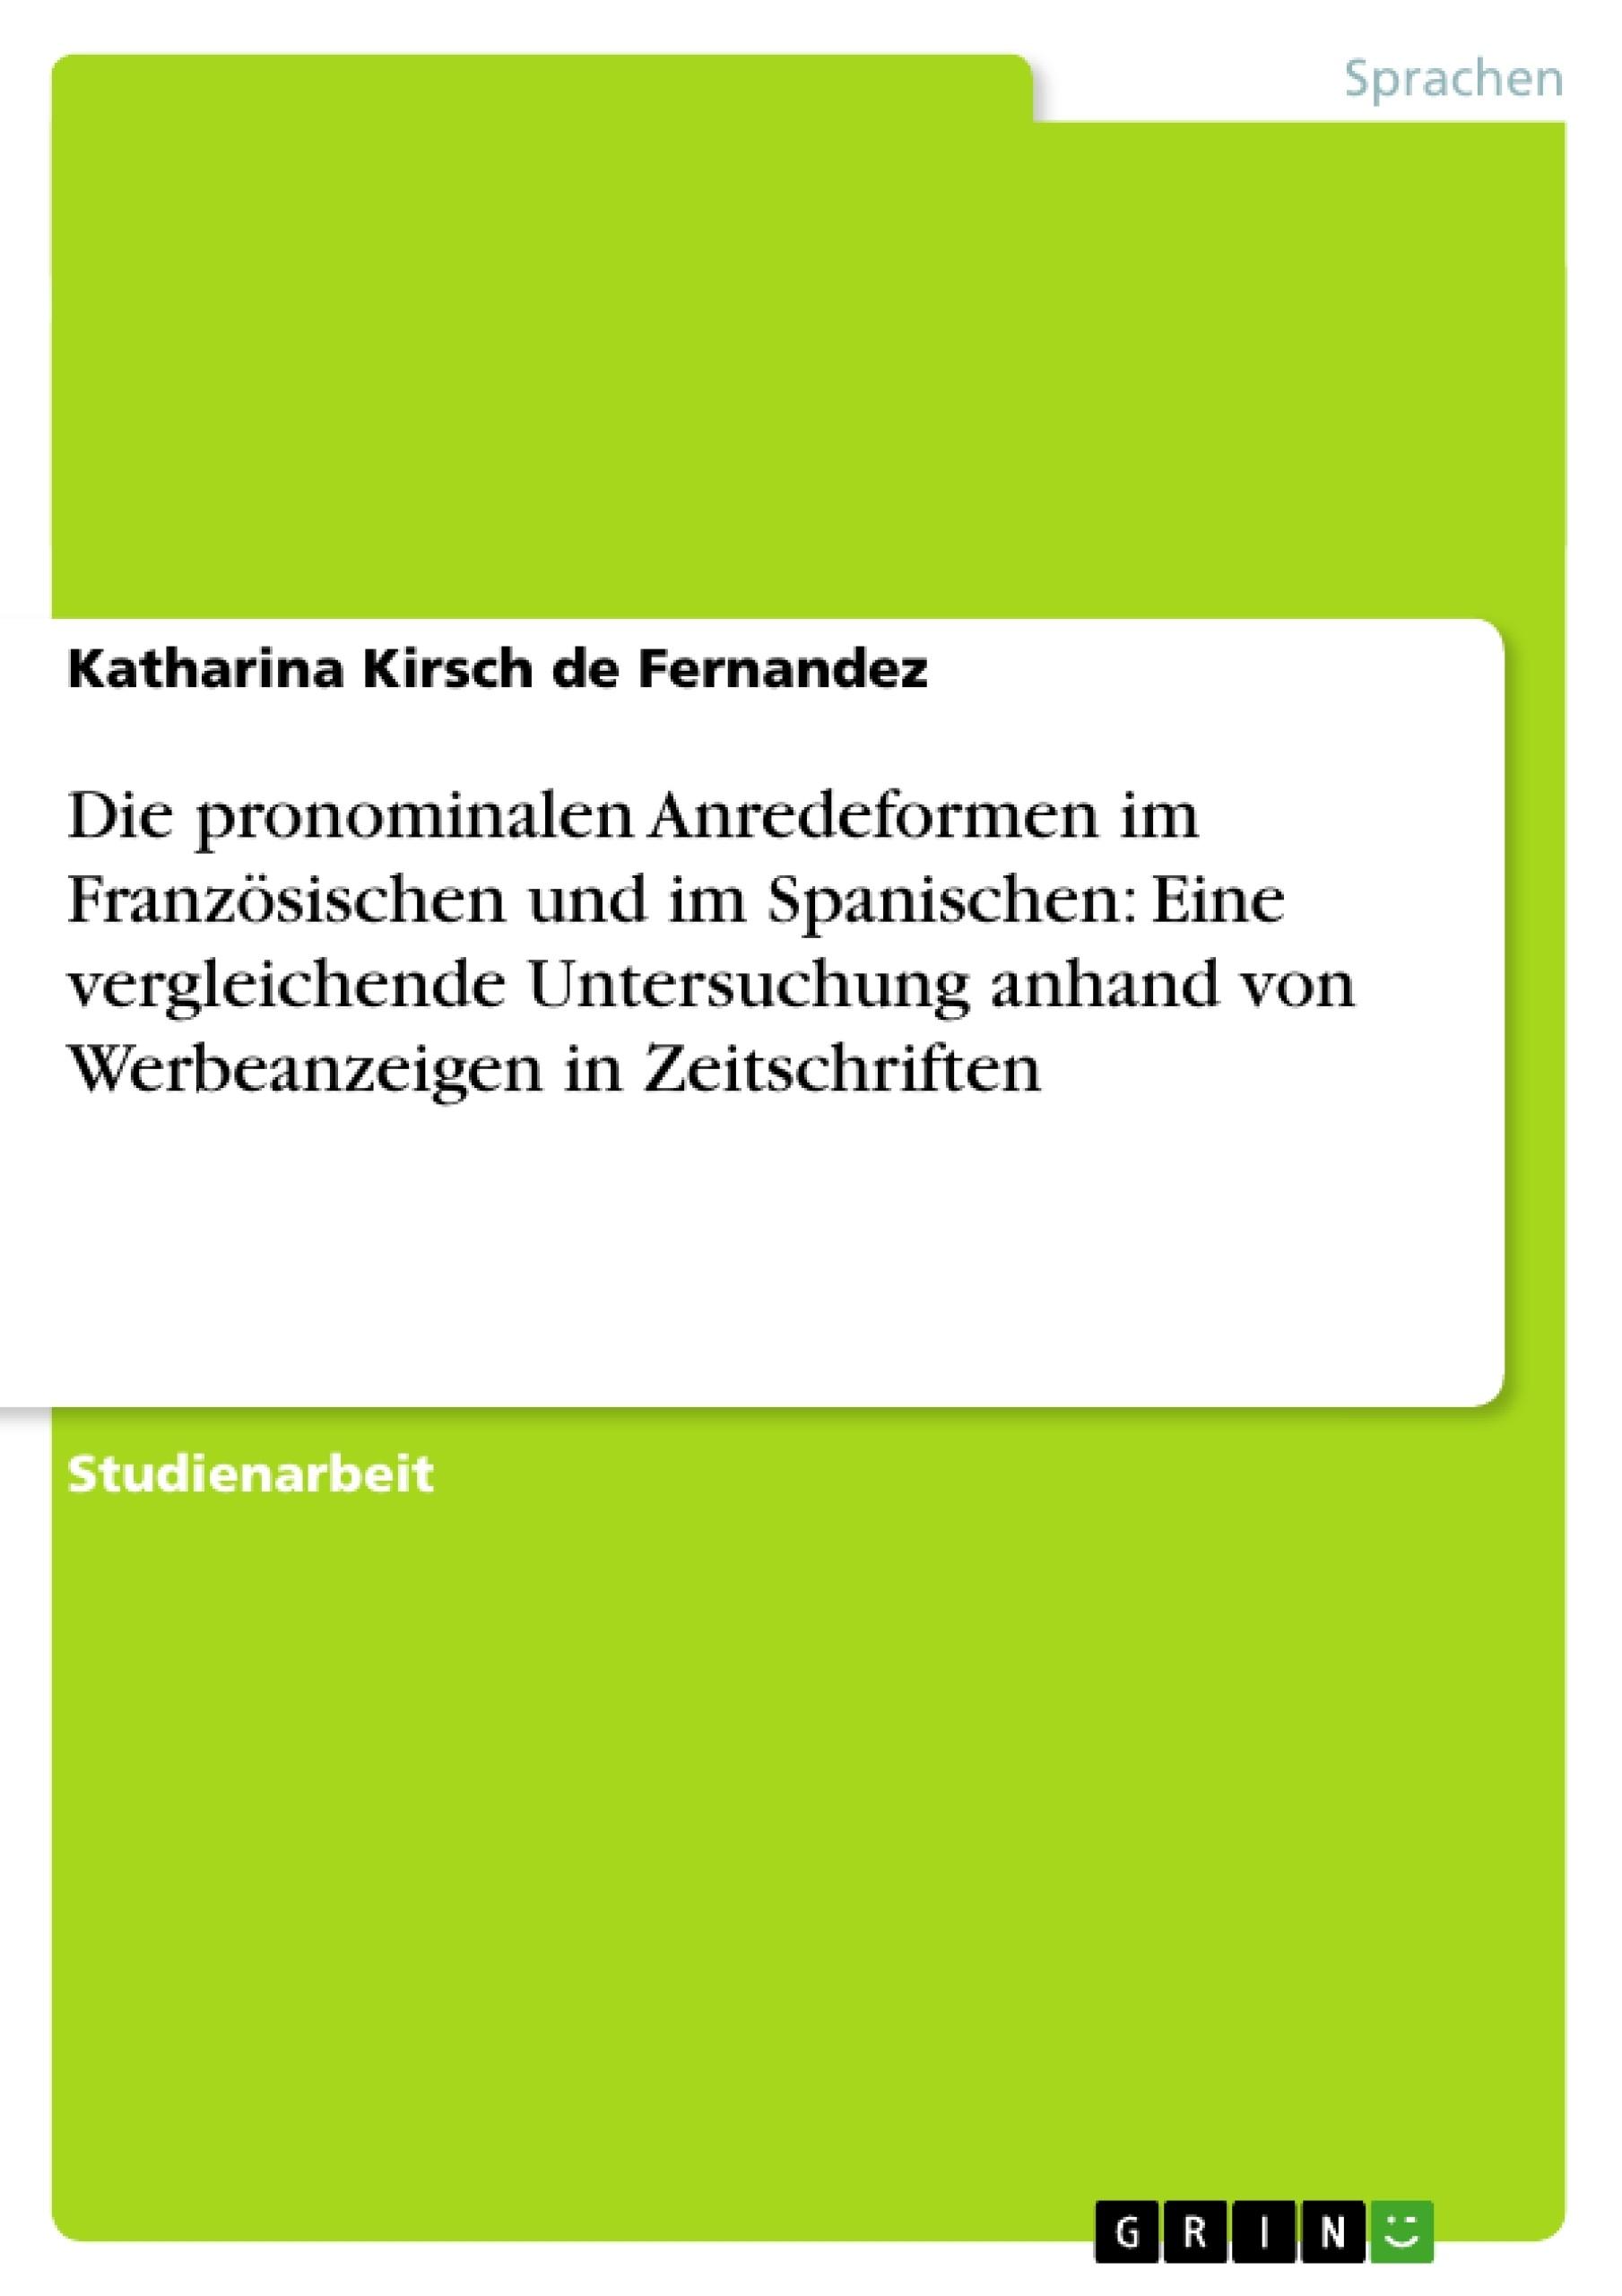 Titel: Die pronominalen Anredeformen im Französischen und im Spanischen: Eine vergleichende Untersuchung anhand von Werbeanzeigen in Zeitschriften